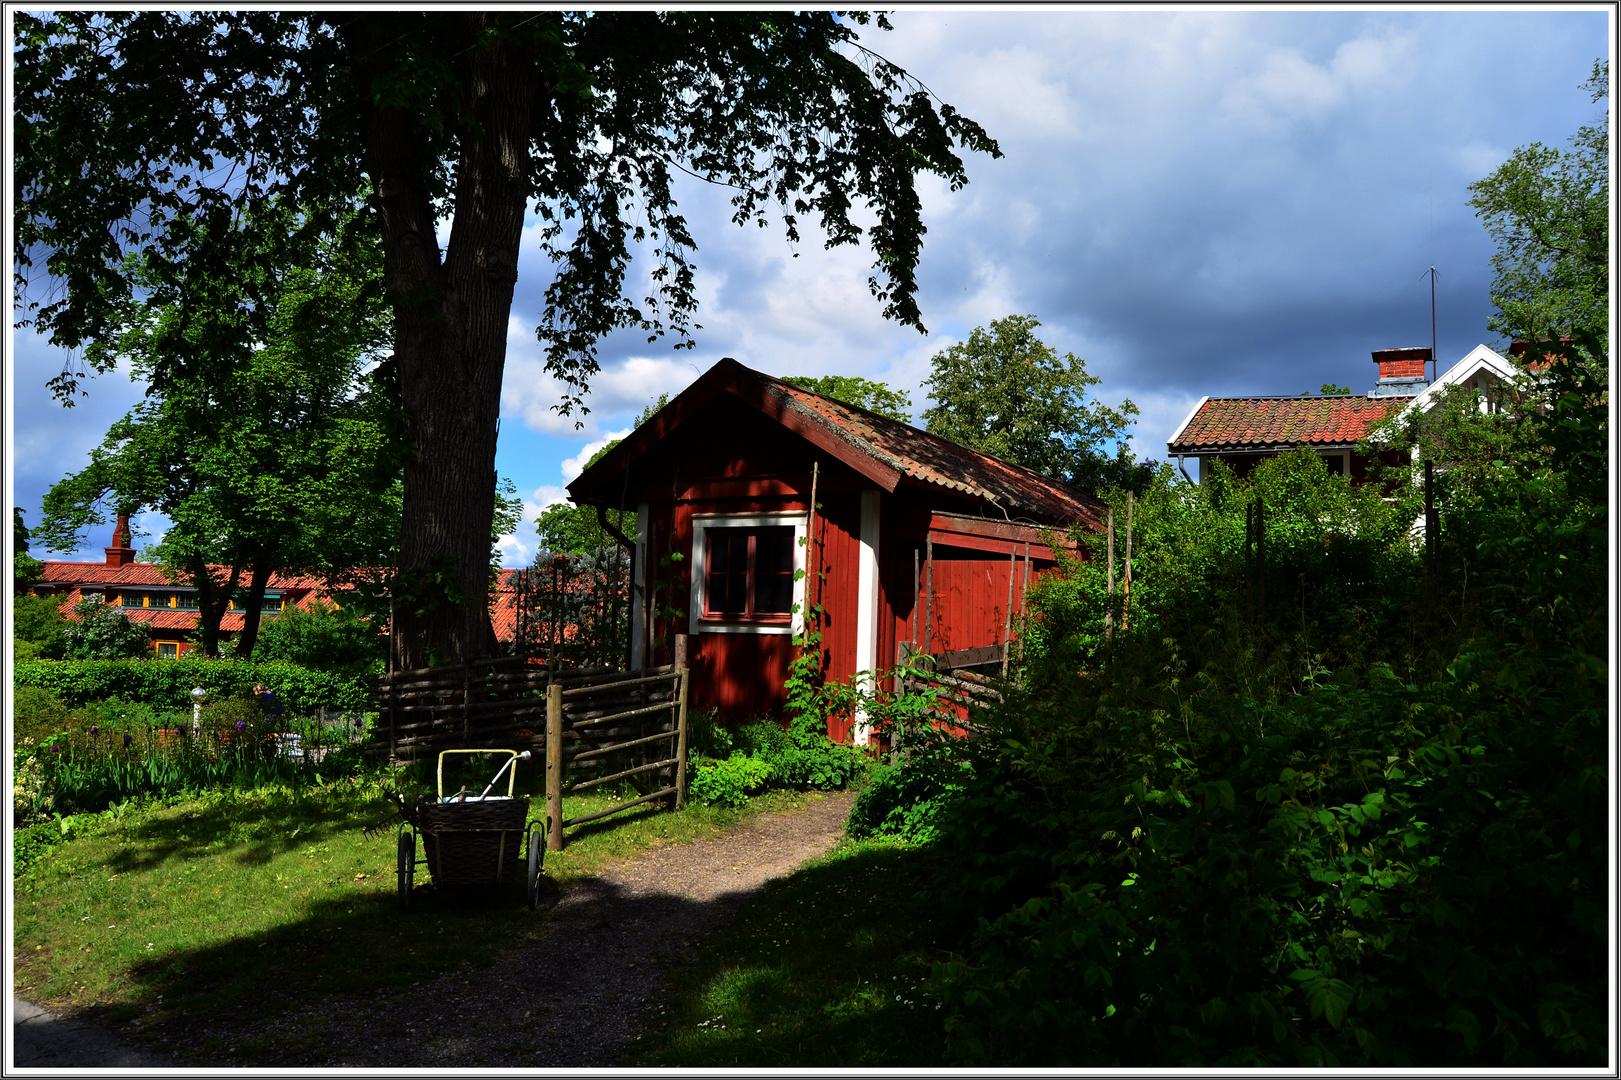 Parque de estocolmo Skansen